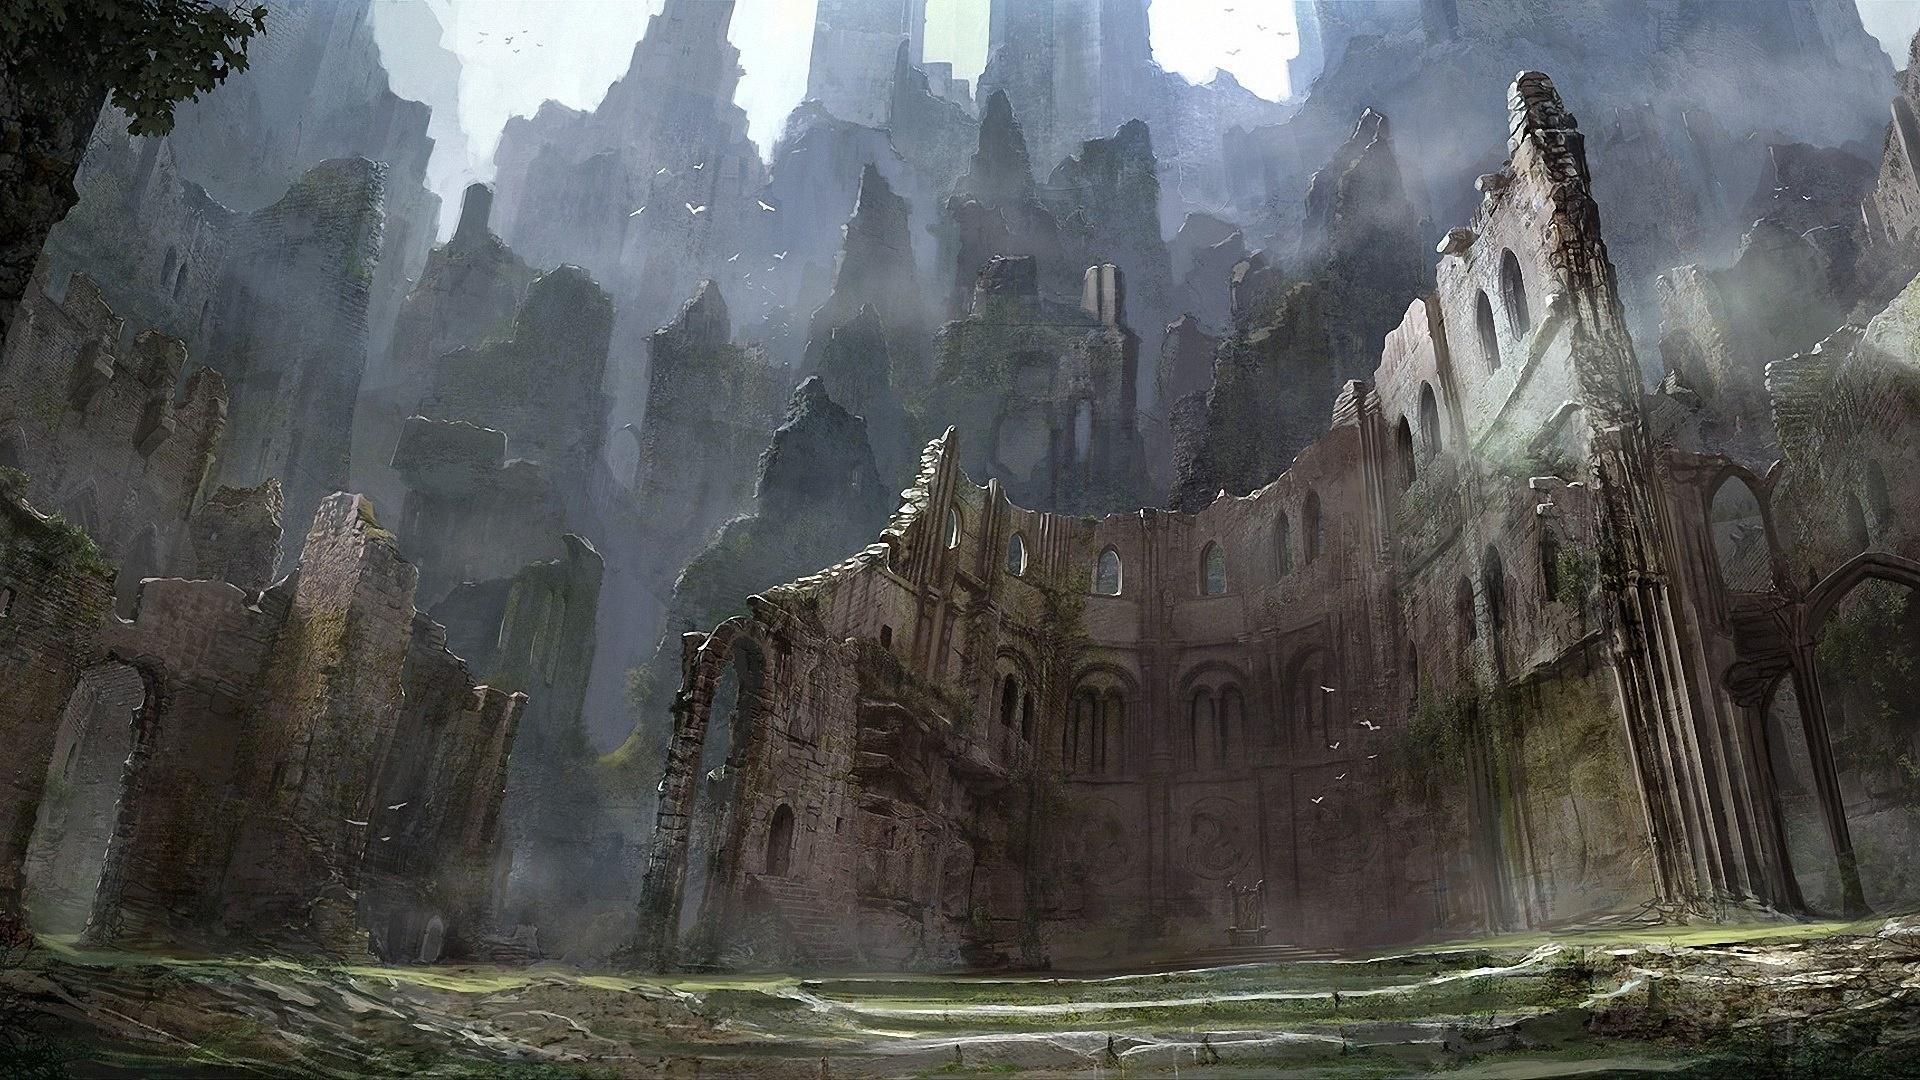 Ruins Art best background